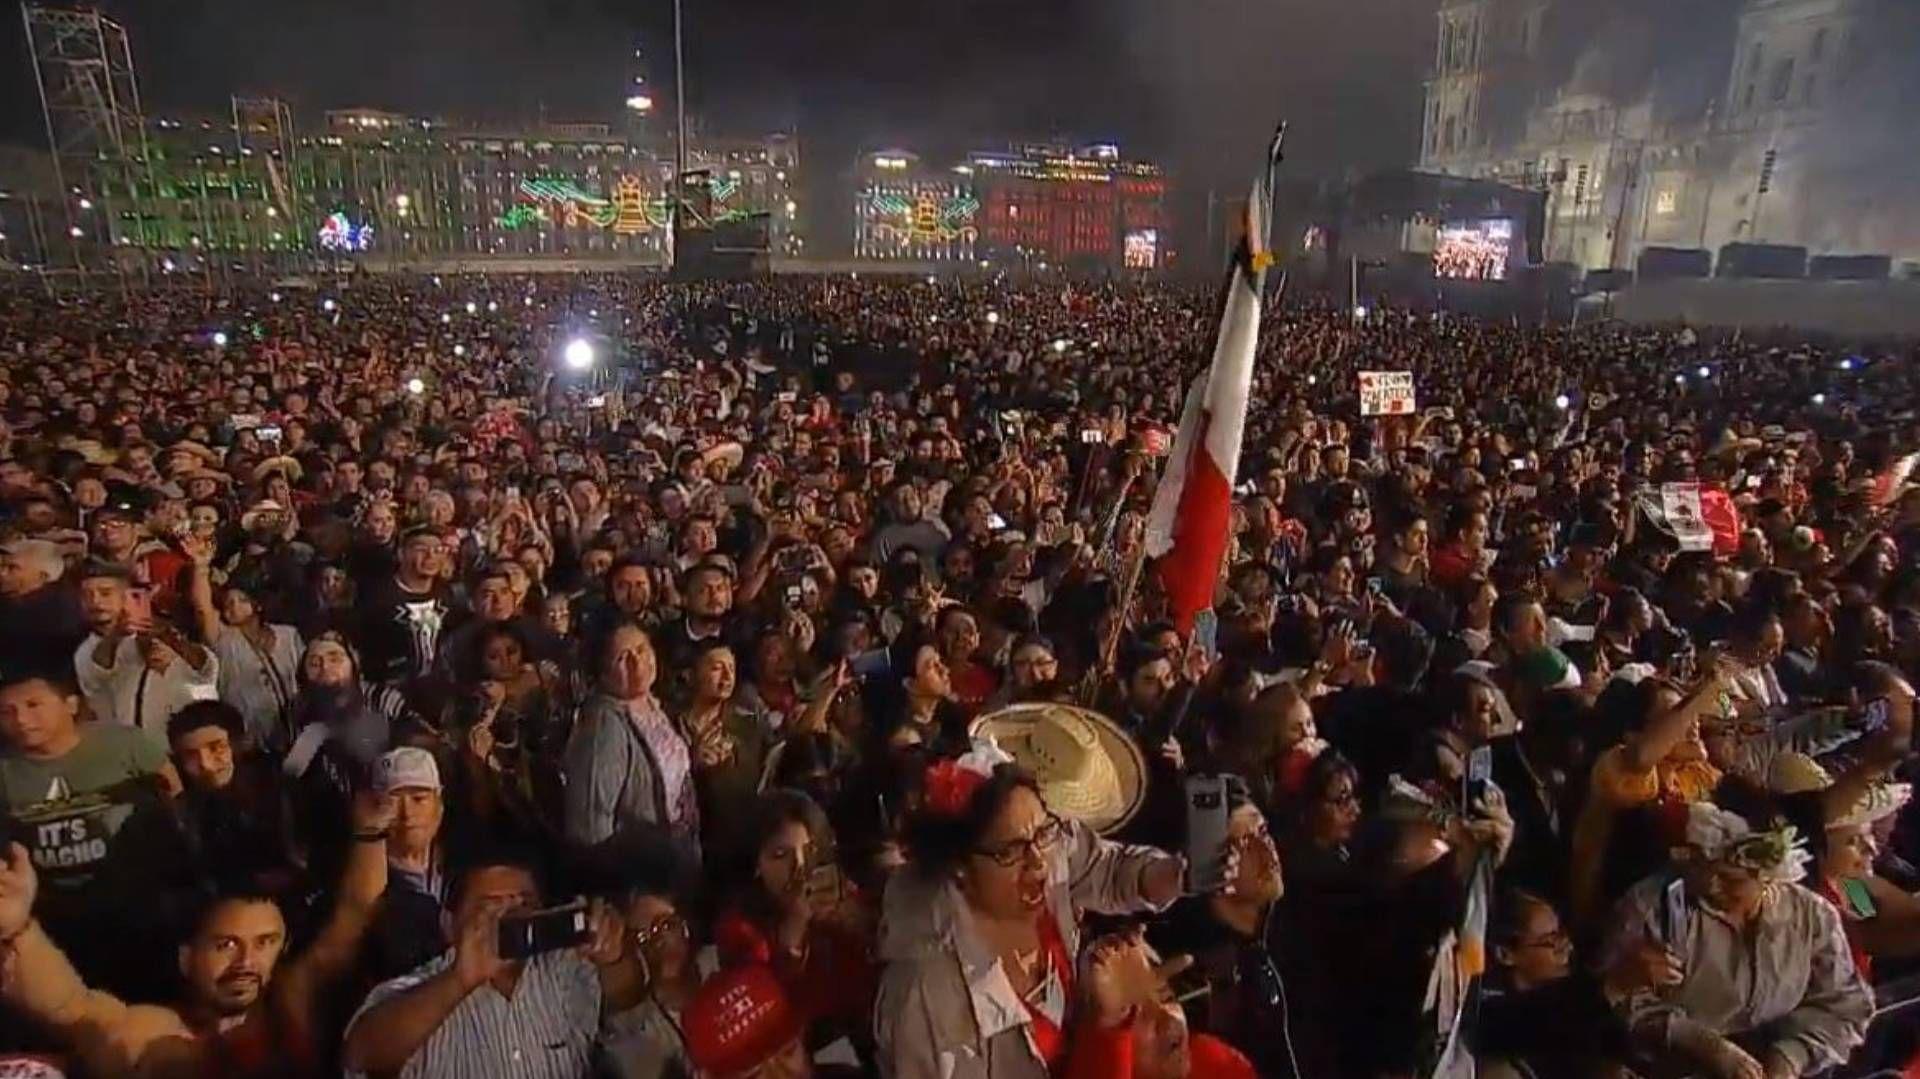 Miles de personas gritaron a favor del presidente (Foto: Captura de pantalla)